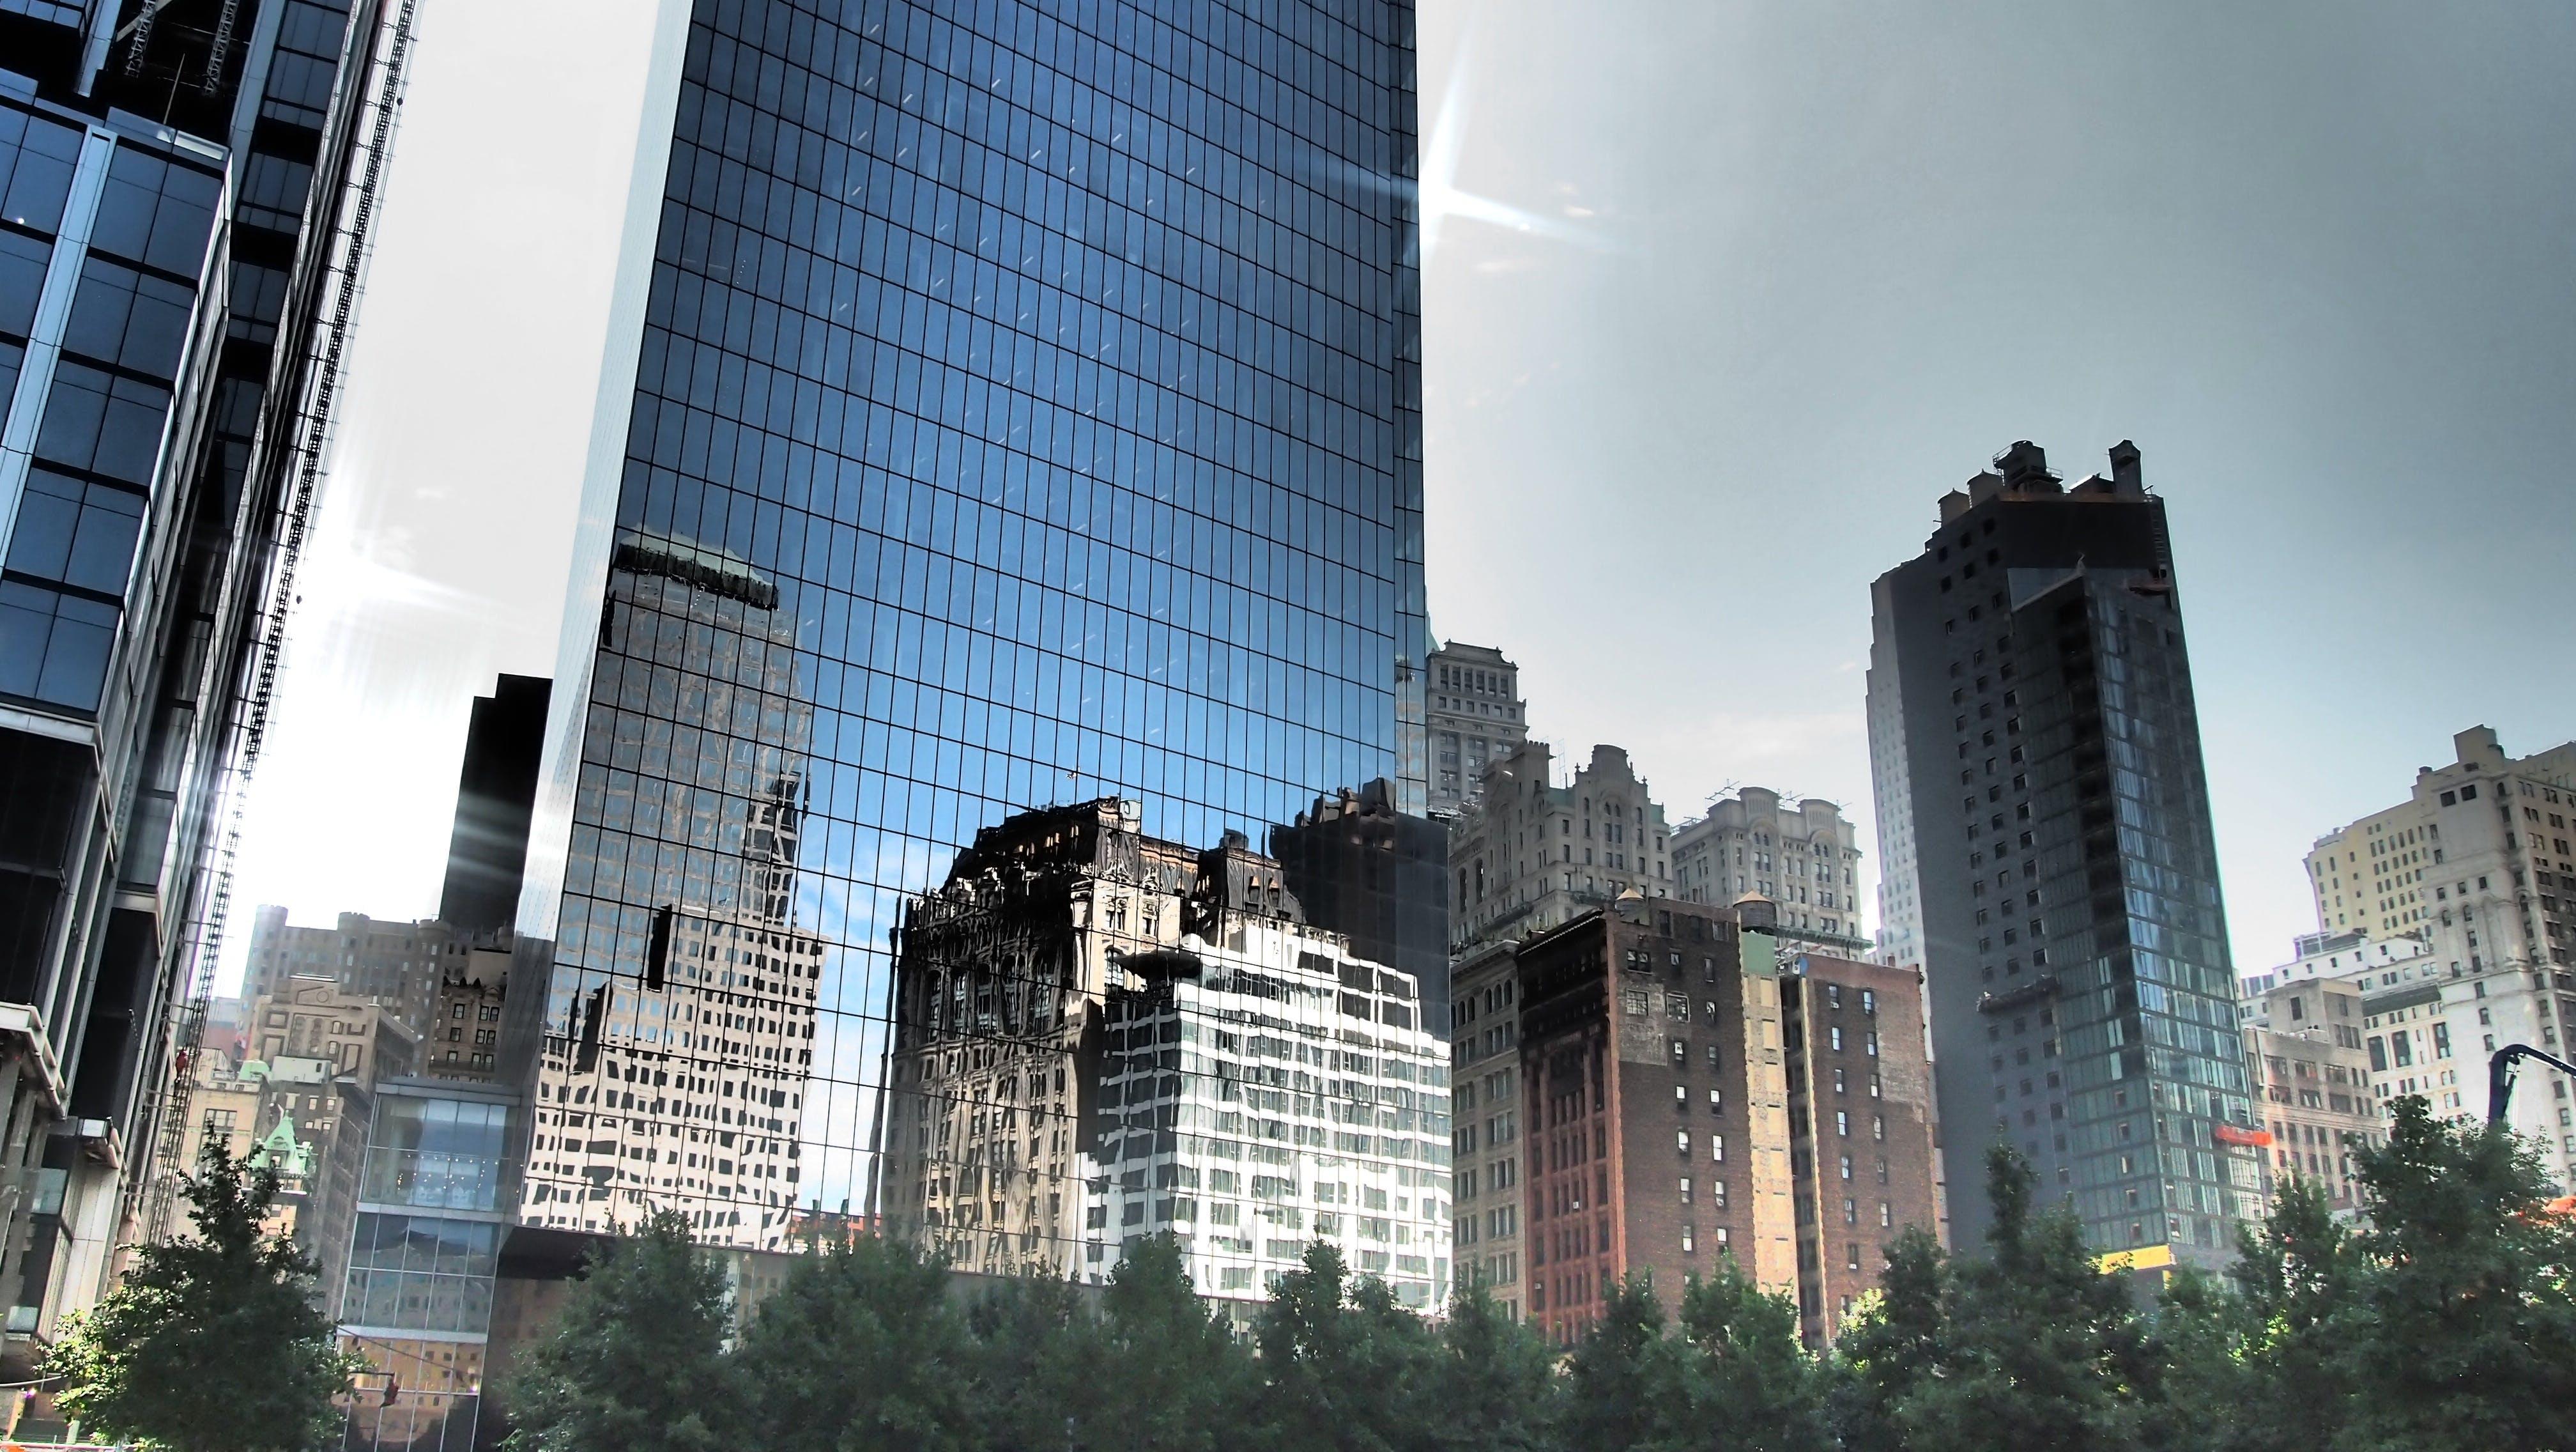 Δωρεάν στοκ φωτογραφιών με αρχιτεκτονική, αστικός, κέντρο πόλης, κτήριο